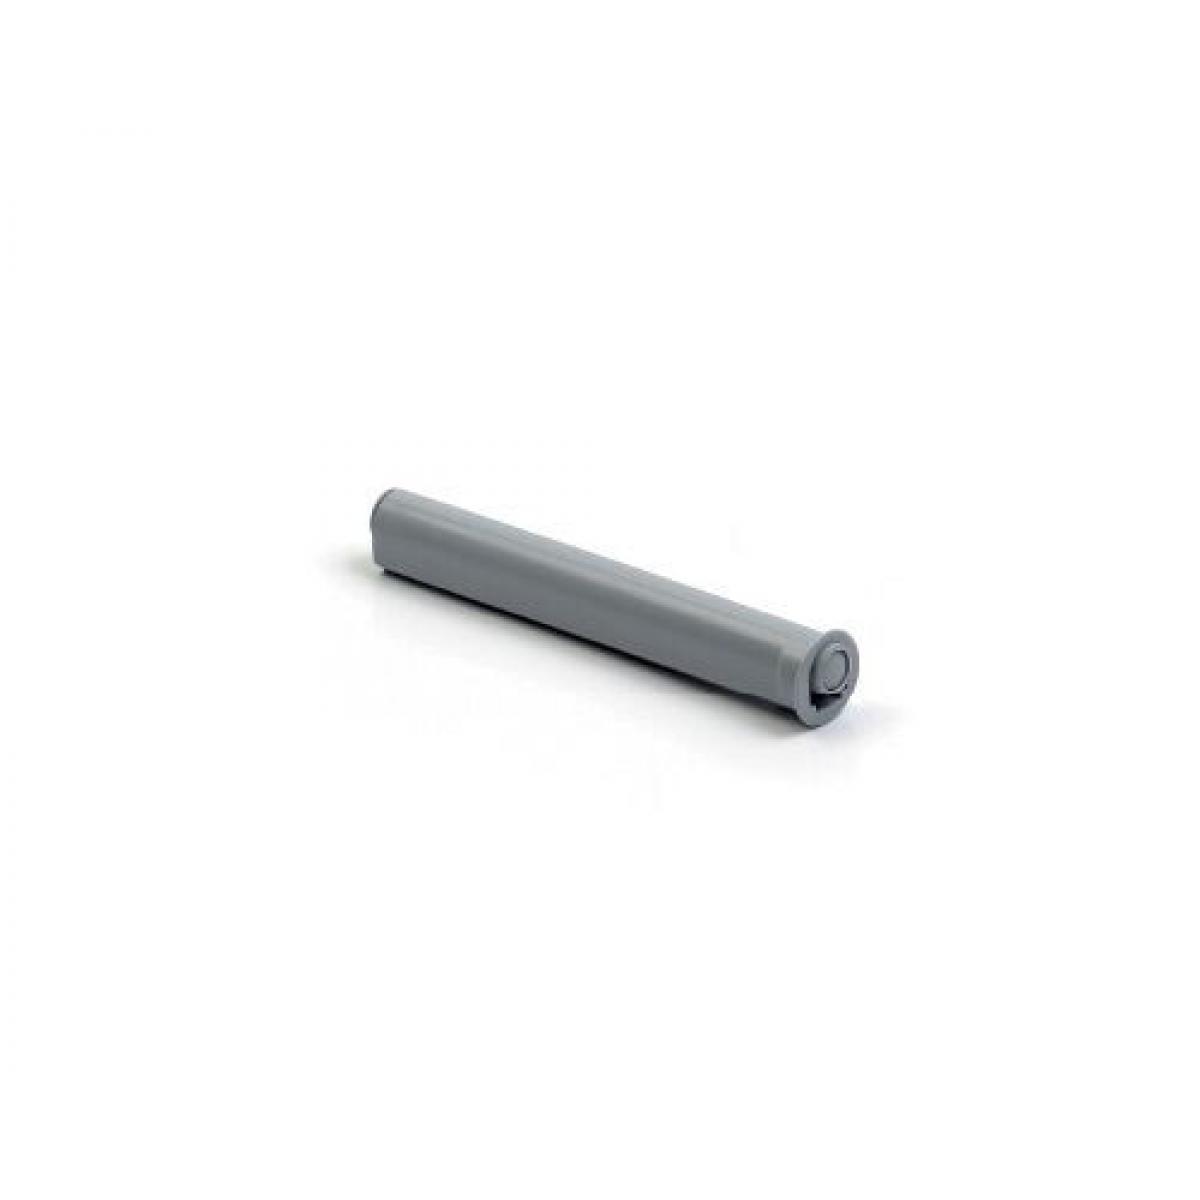 Механизм Impuls врезной 40мм цвет серый